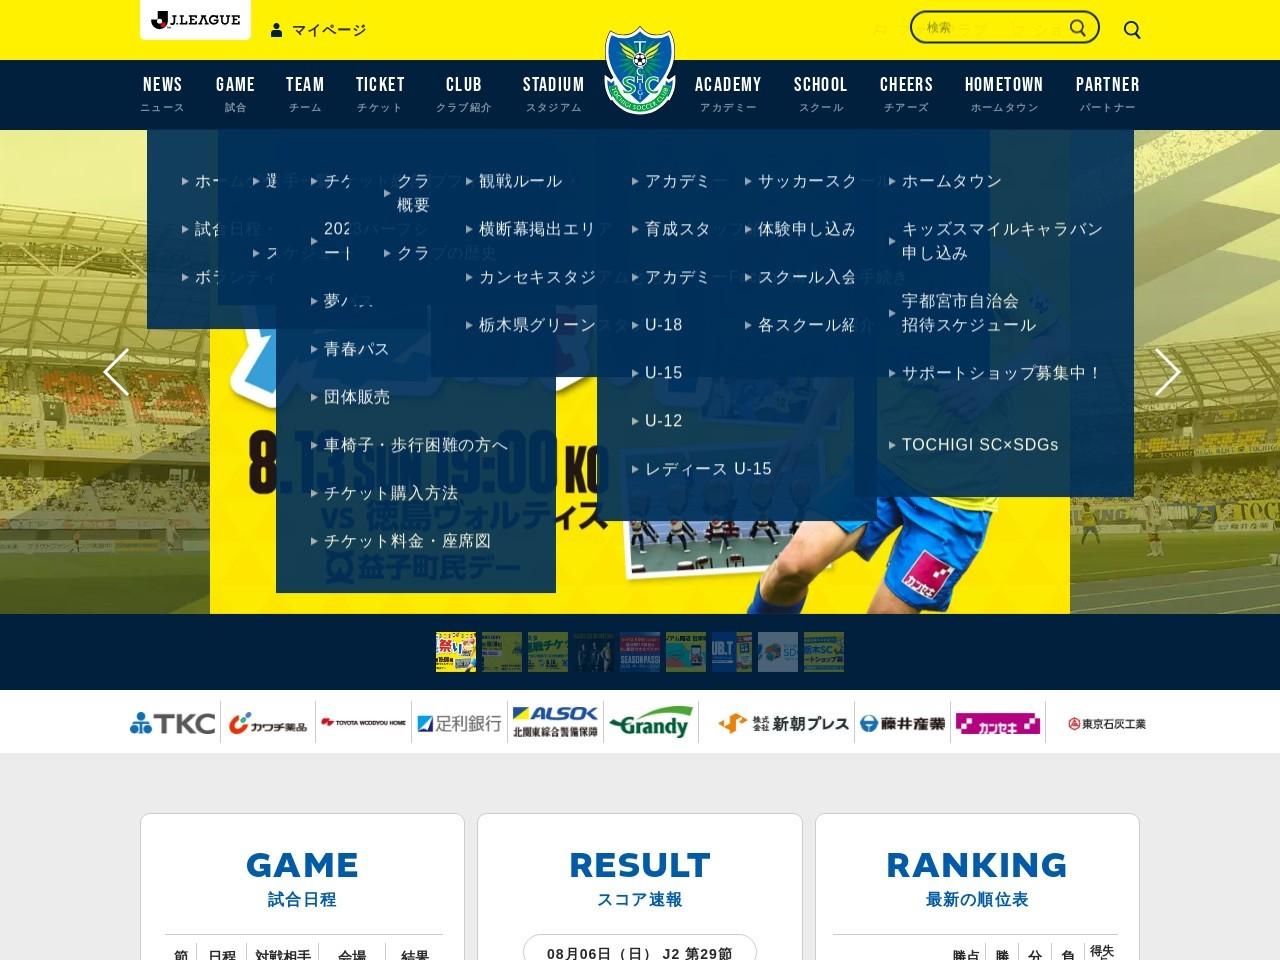 http://www.tochigisc.jp/news/article/00006370.html